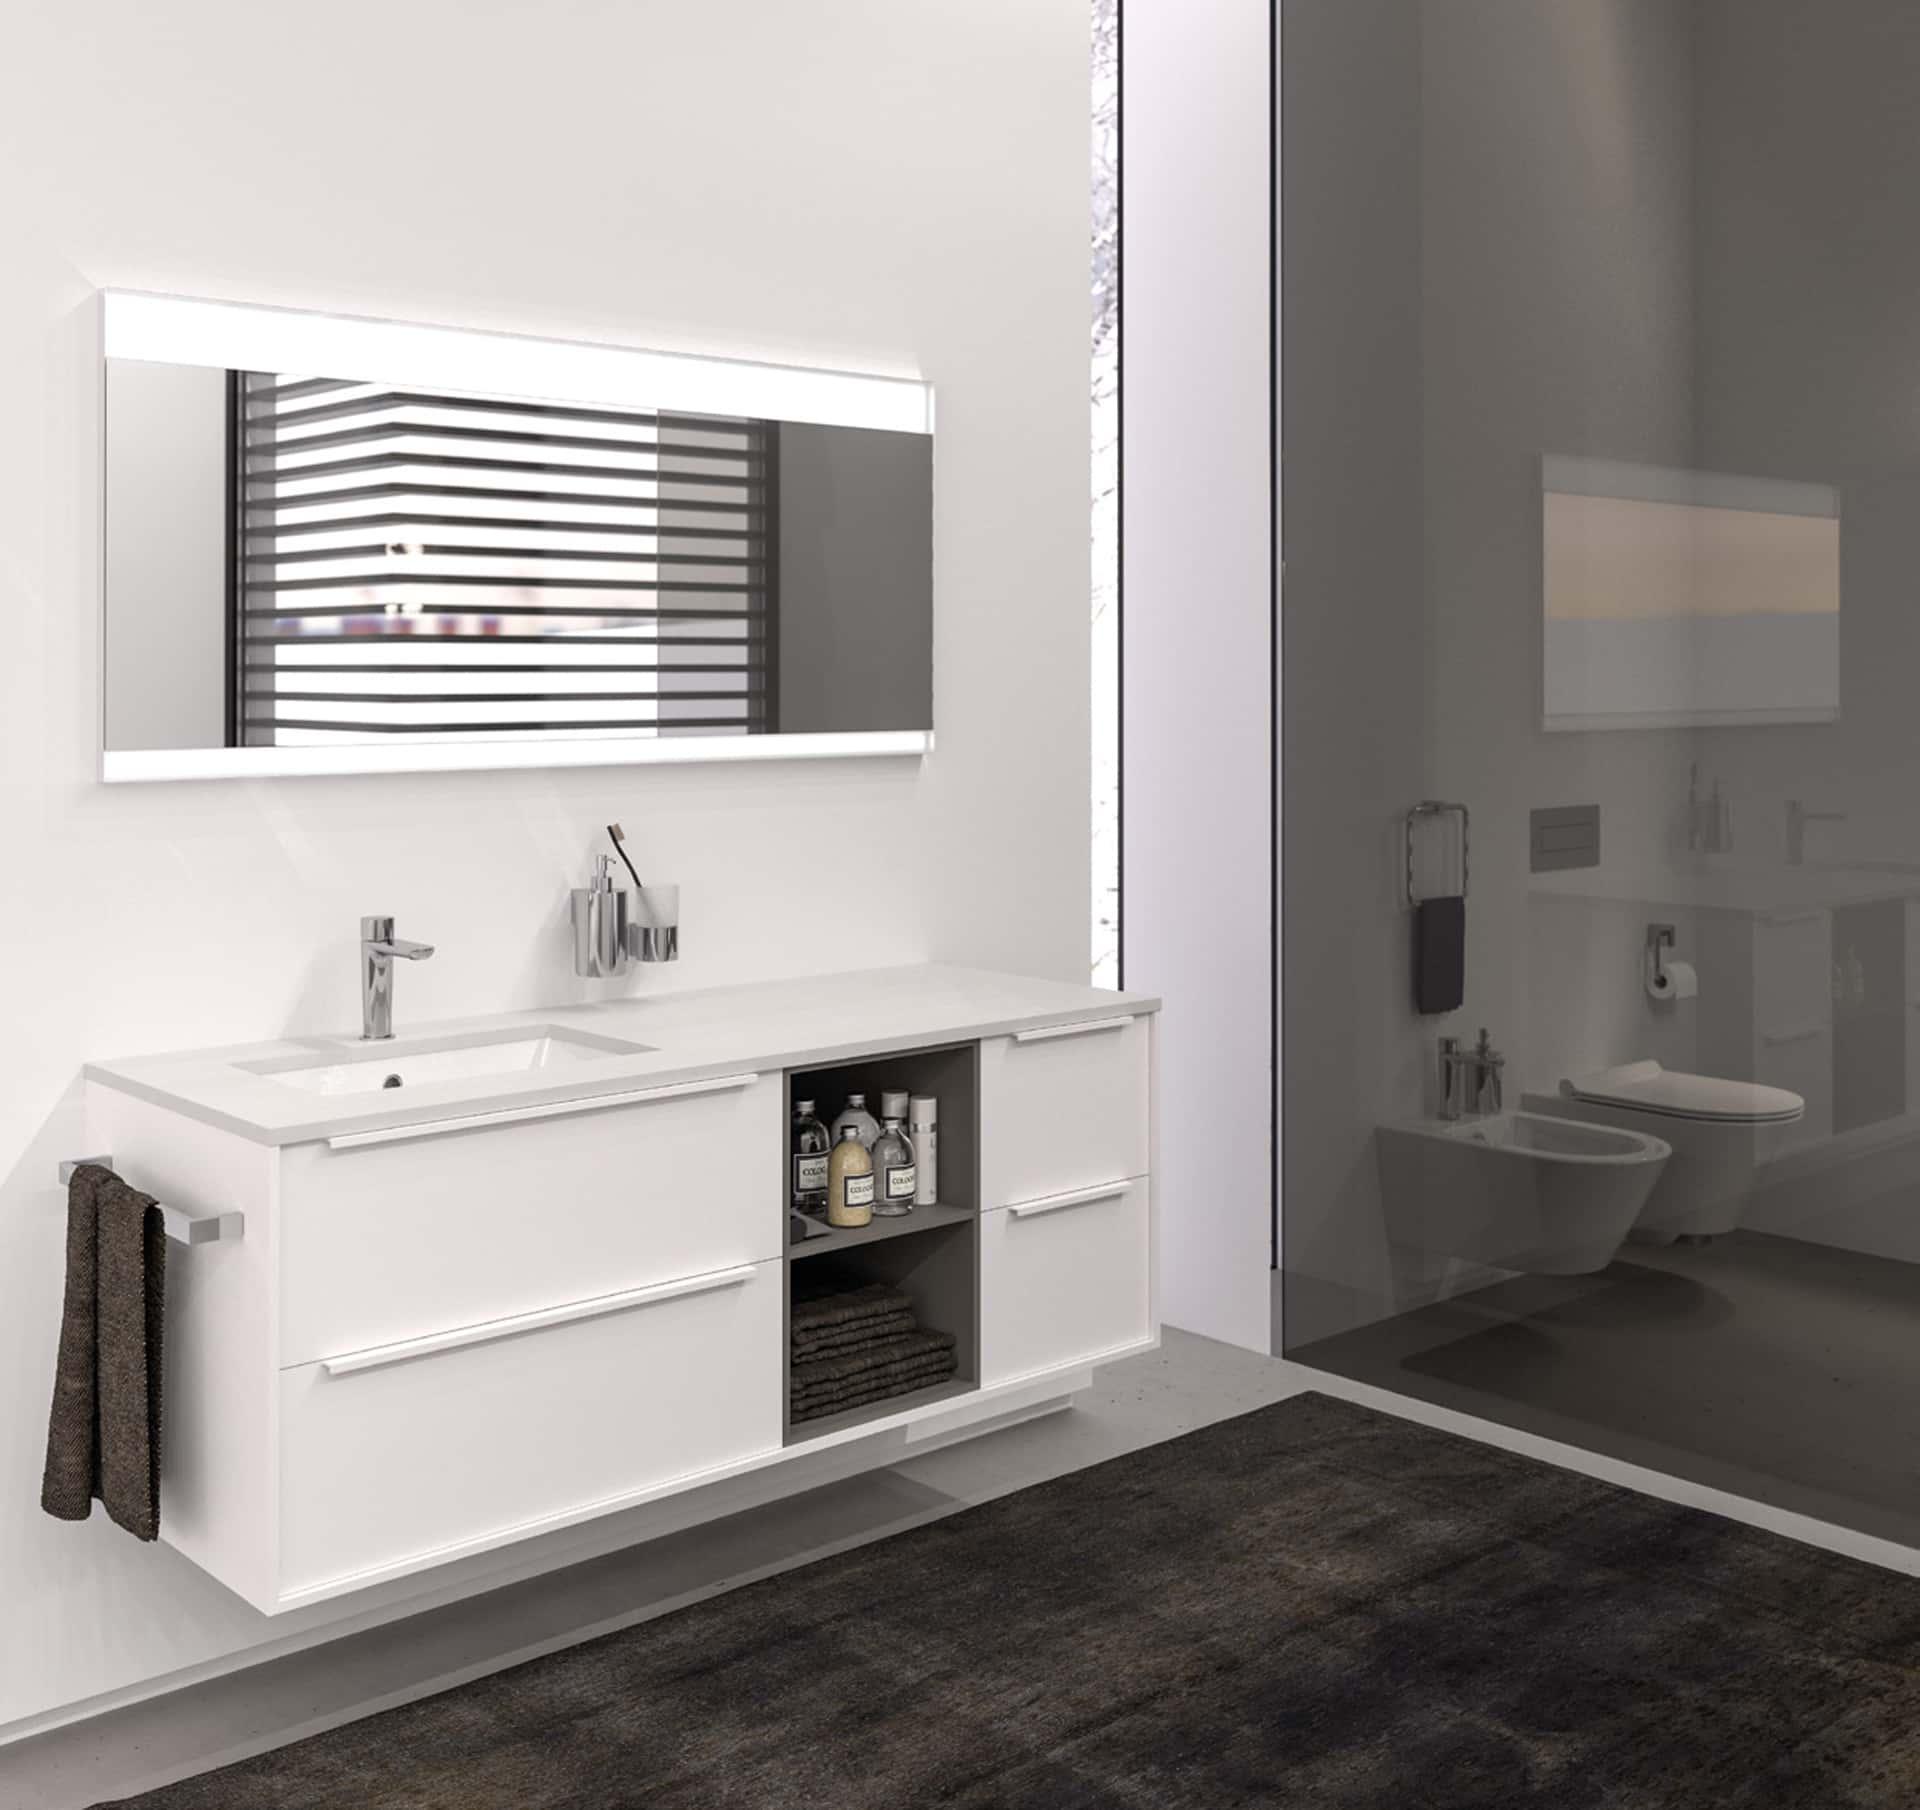 Foto Bagni Moderni In Pietra: Vasche da bagno moderne i modelli in ...